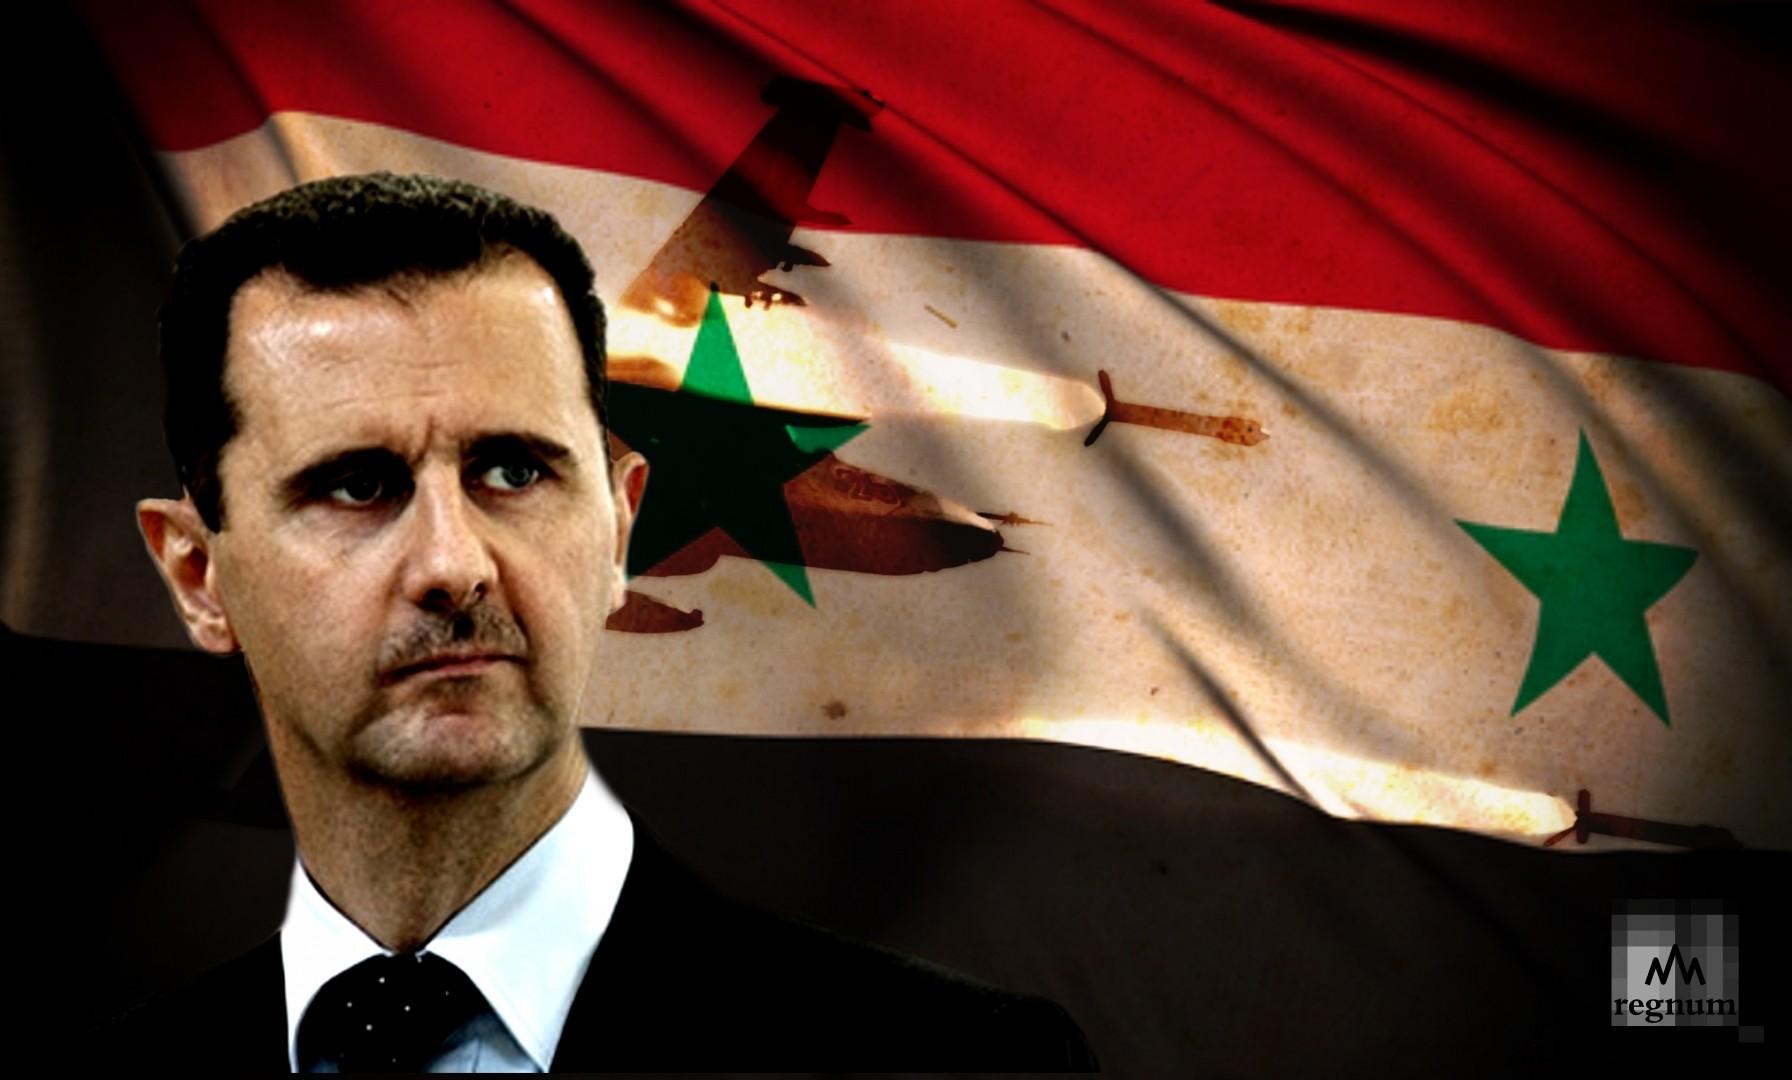 И о союзниках: Асад невысоко ценит помощь России